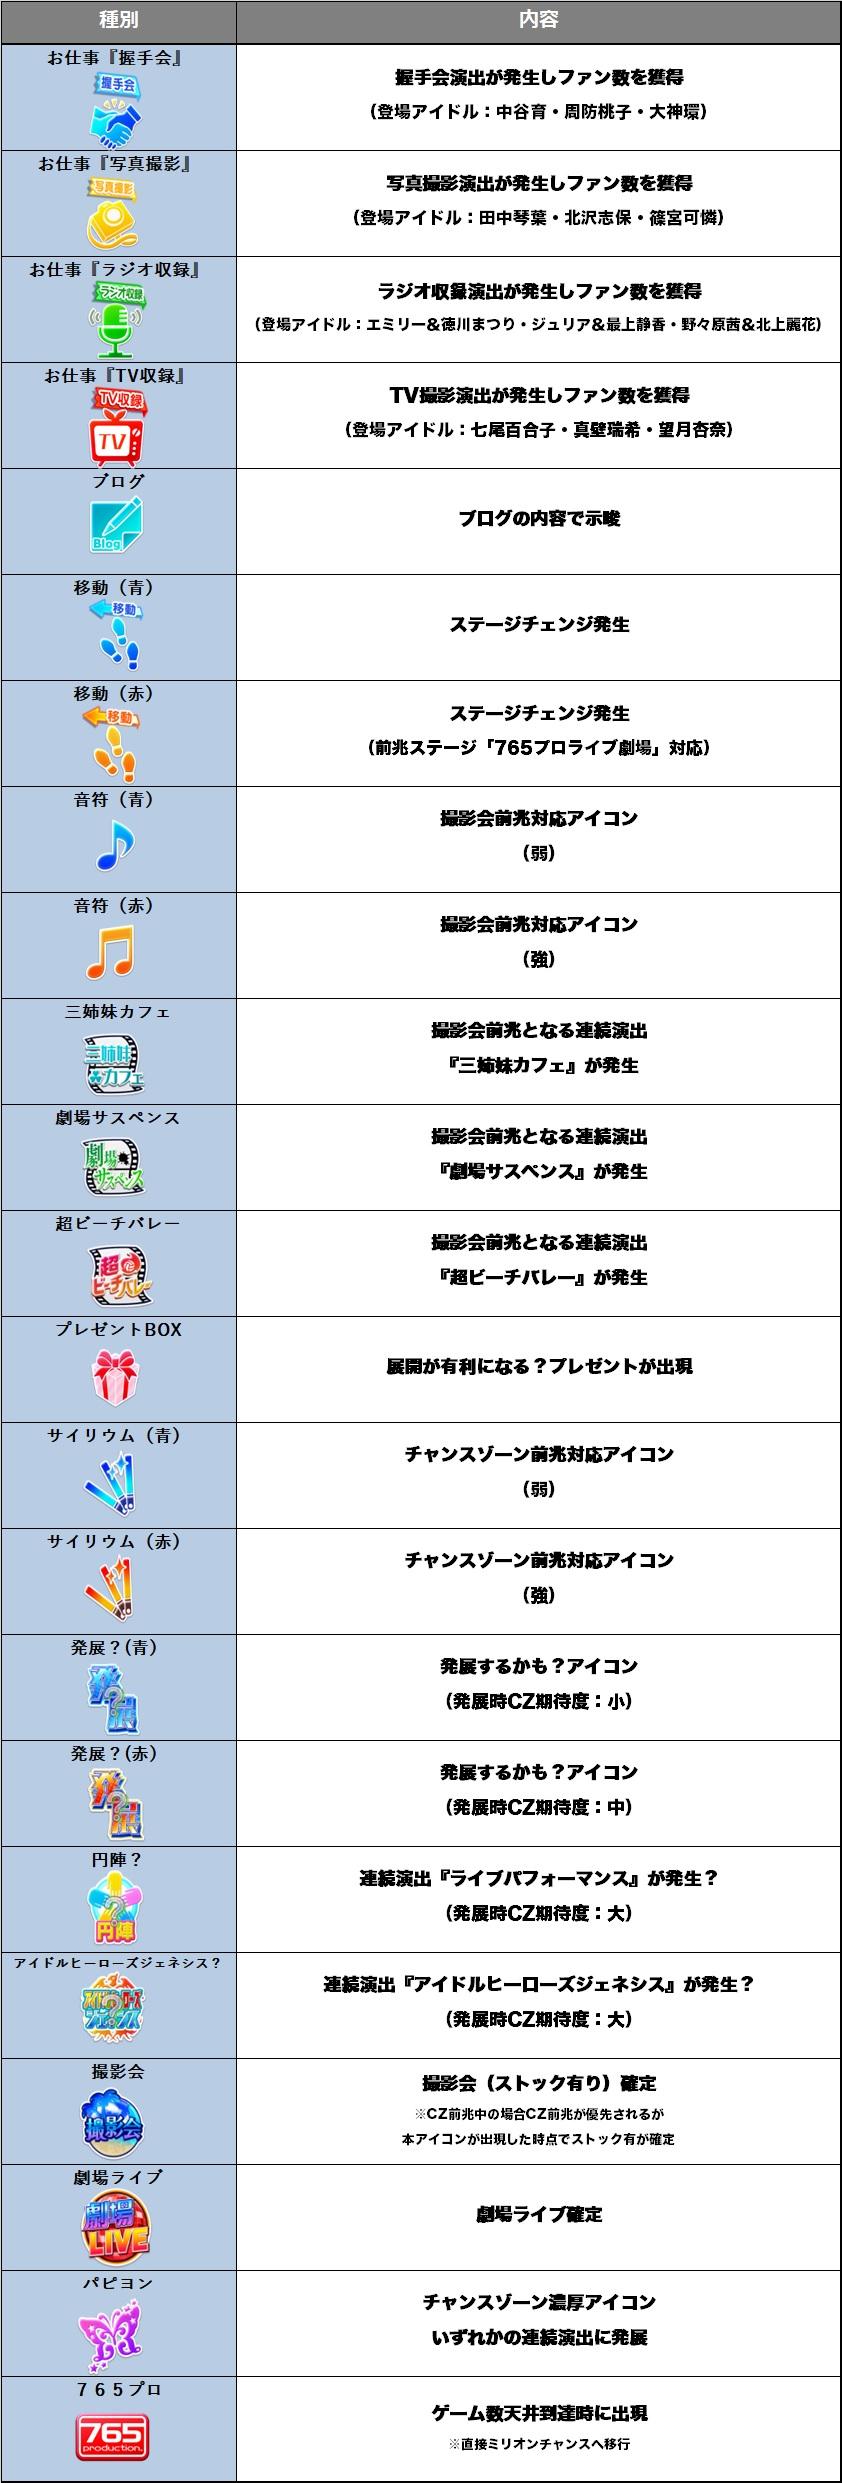 パチスロ アイドルマスター ミリオンライブ!のカレンダー出現マス一覧の表